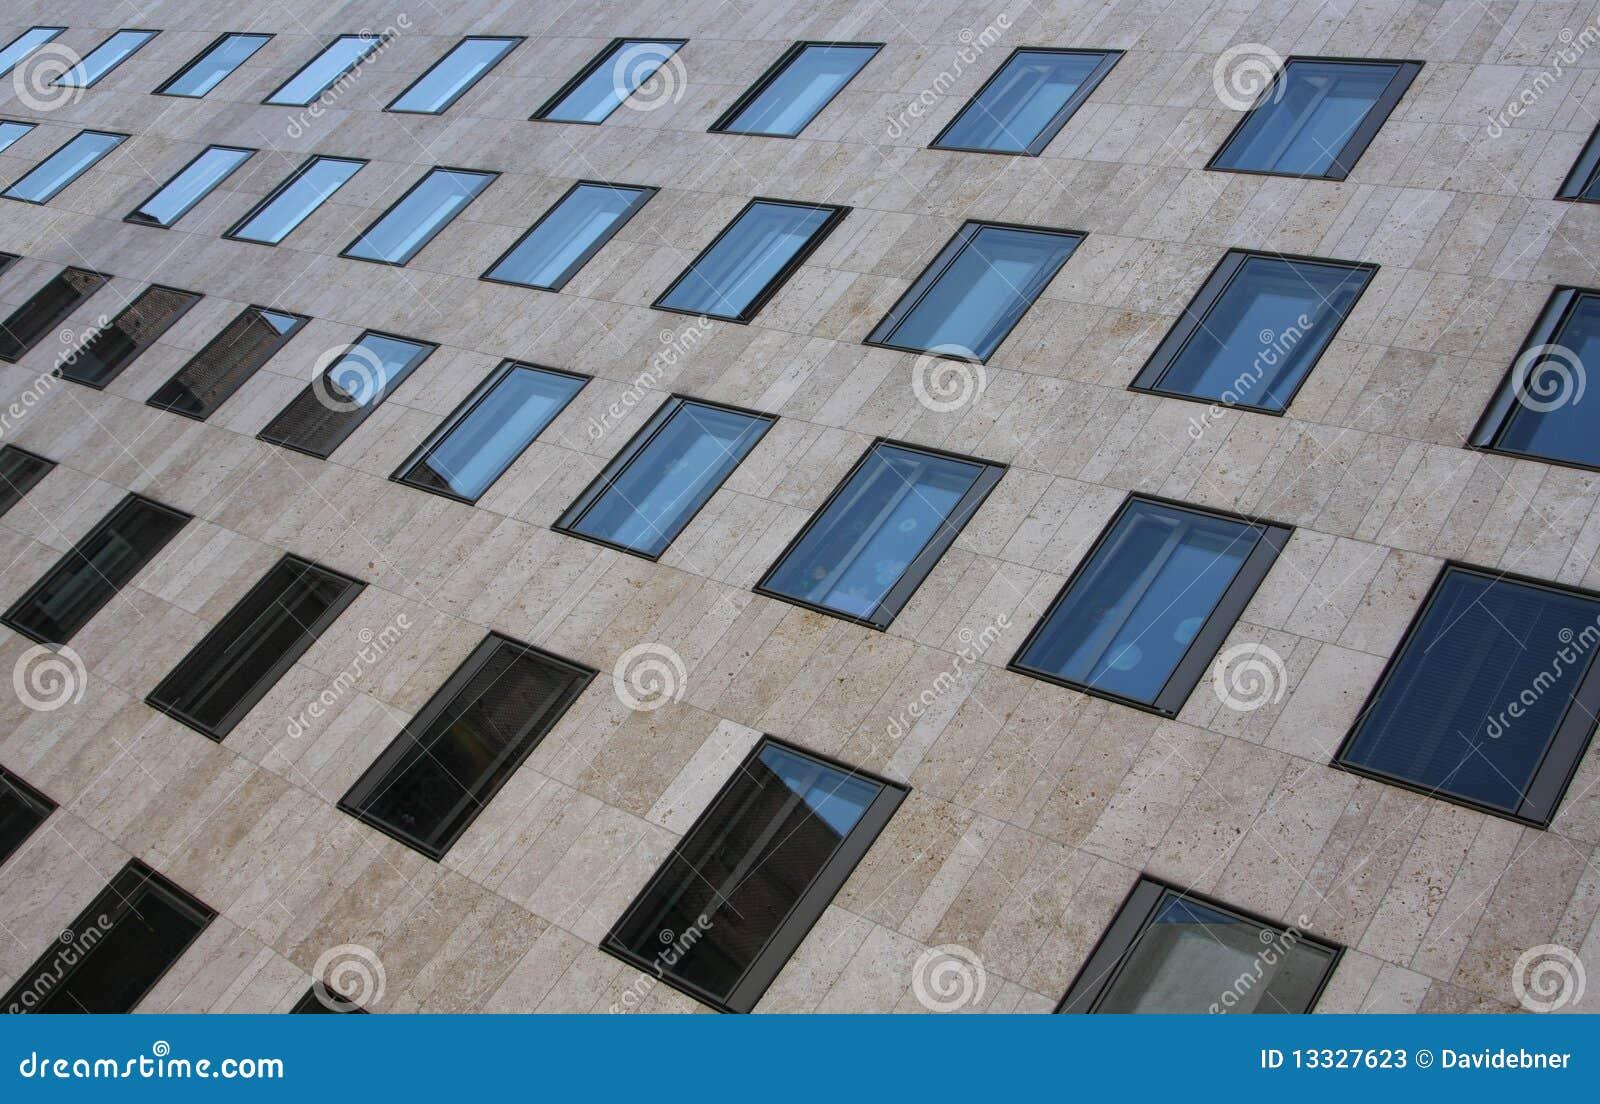 Szyków okno